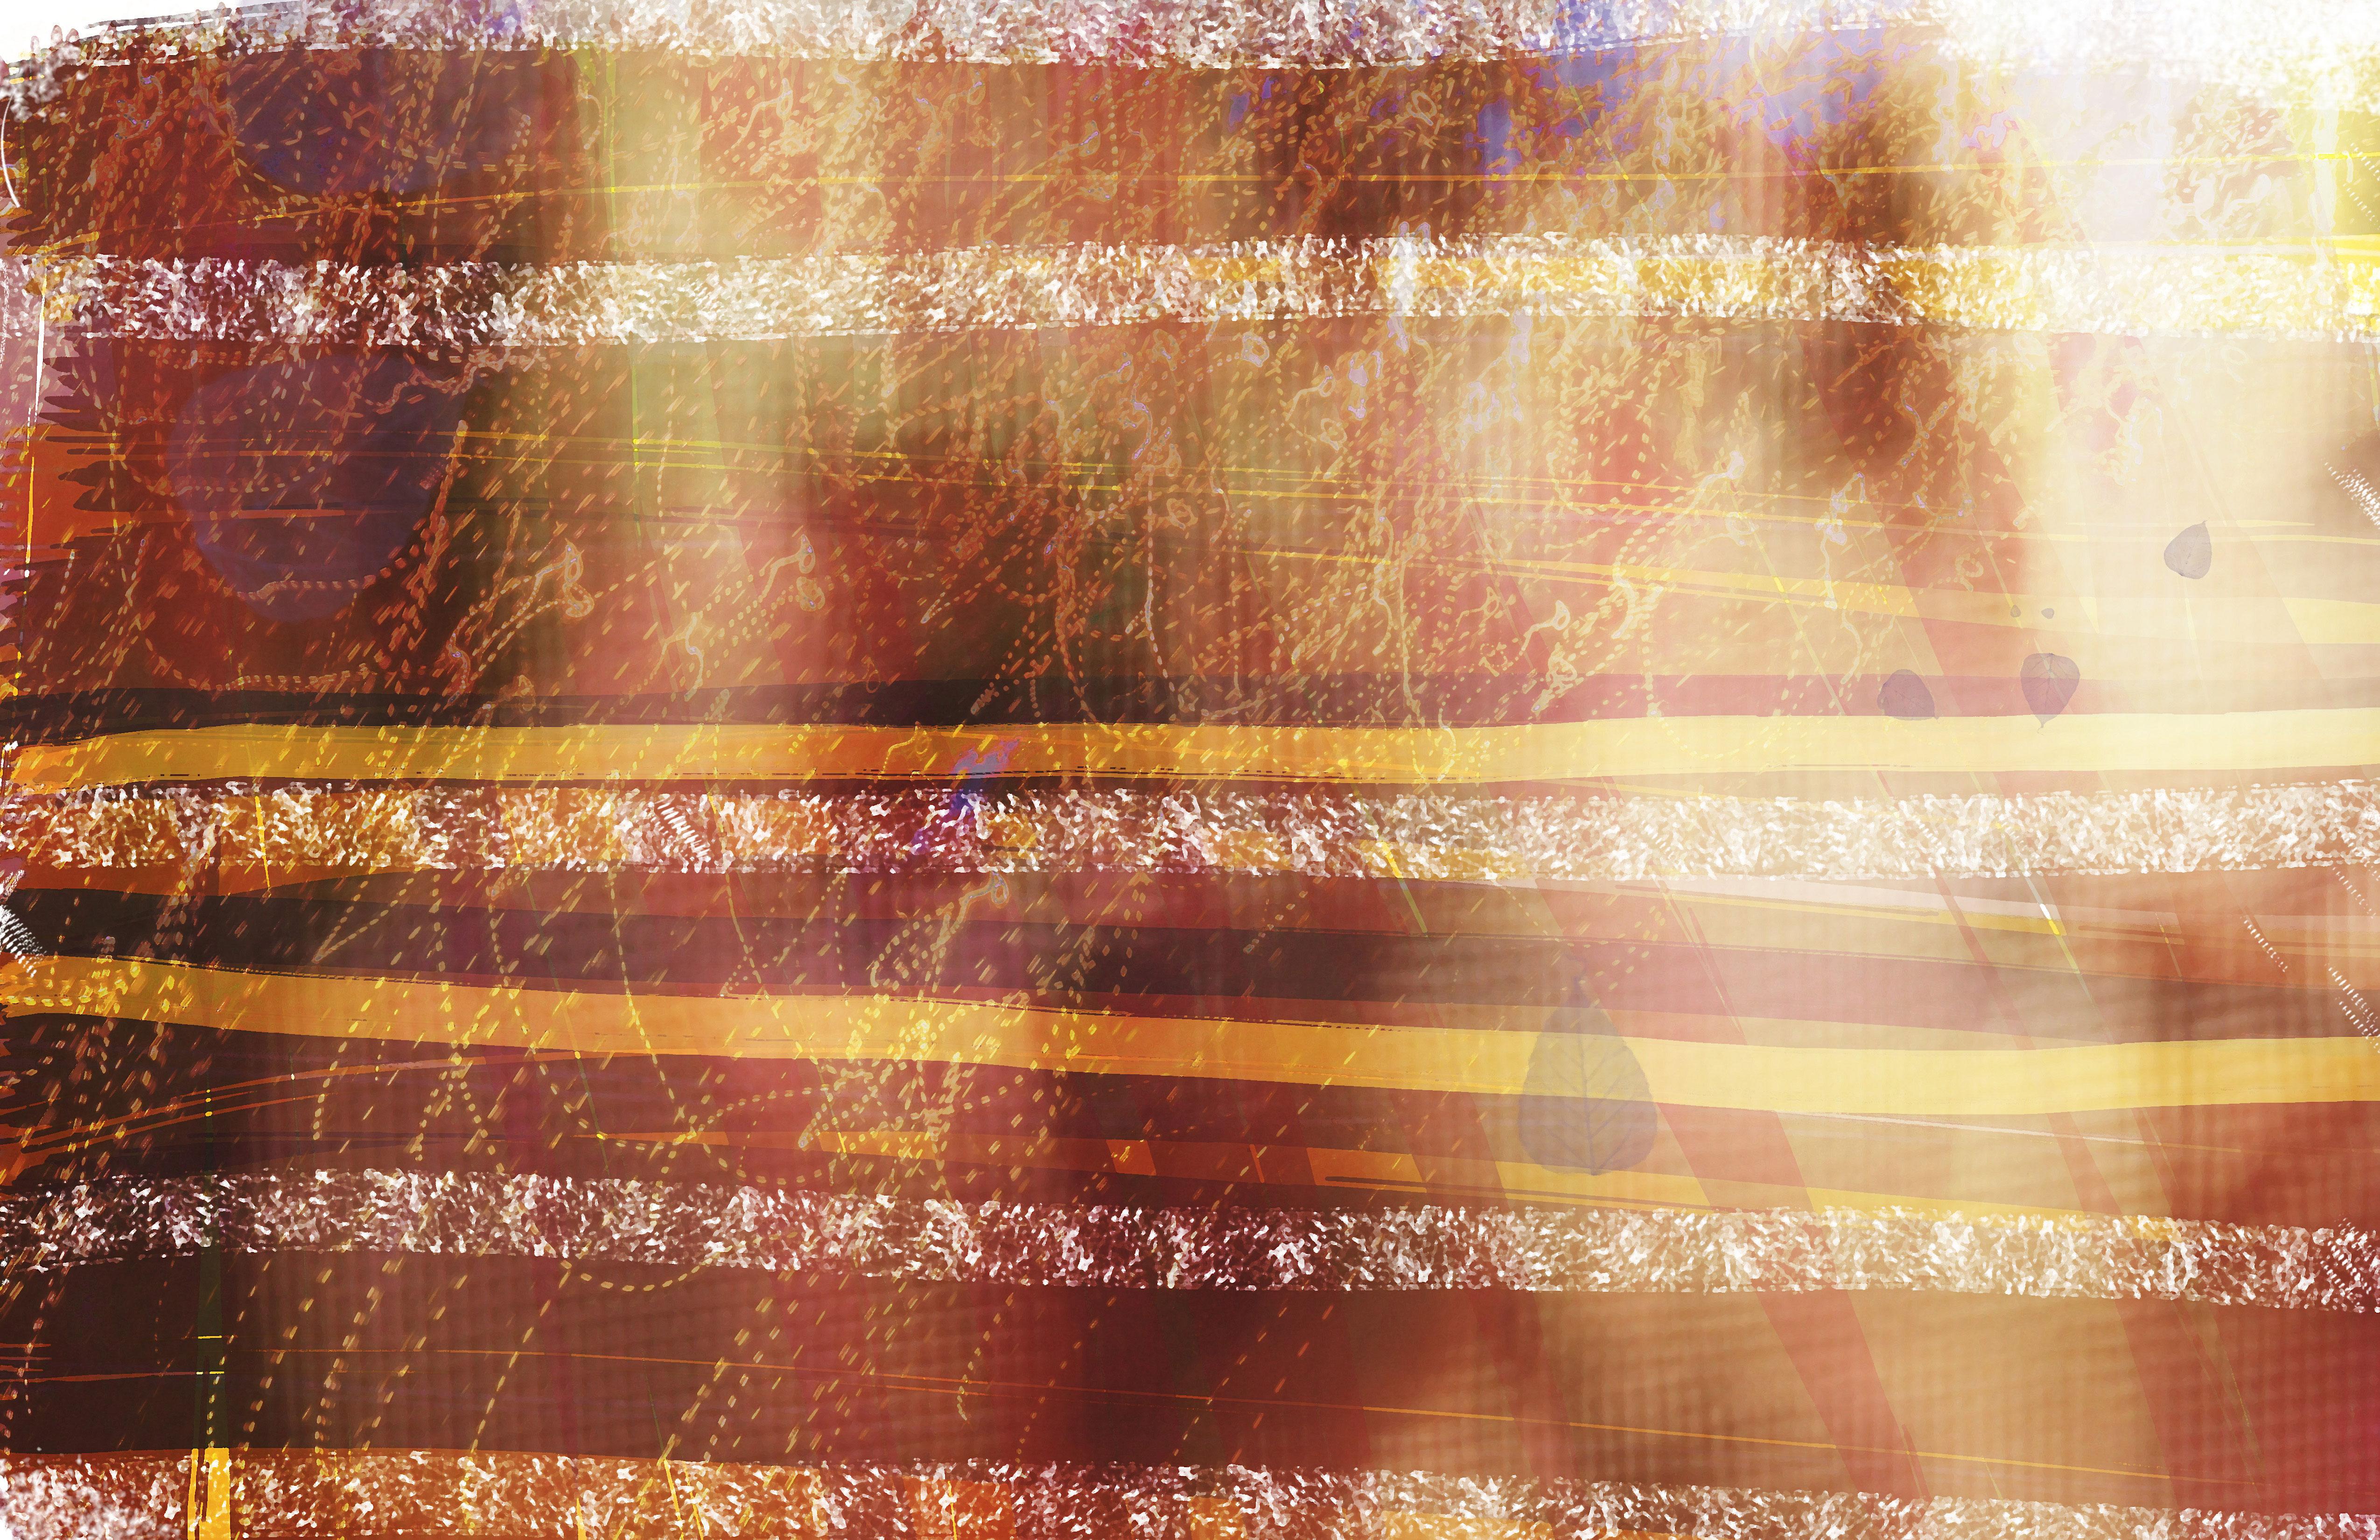 Fairydust 2014